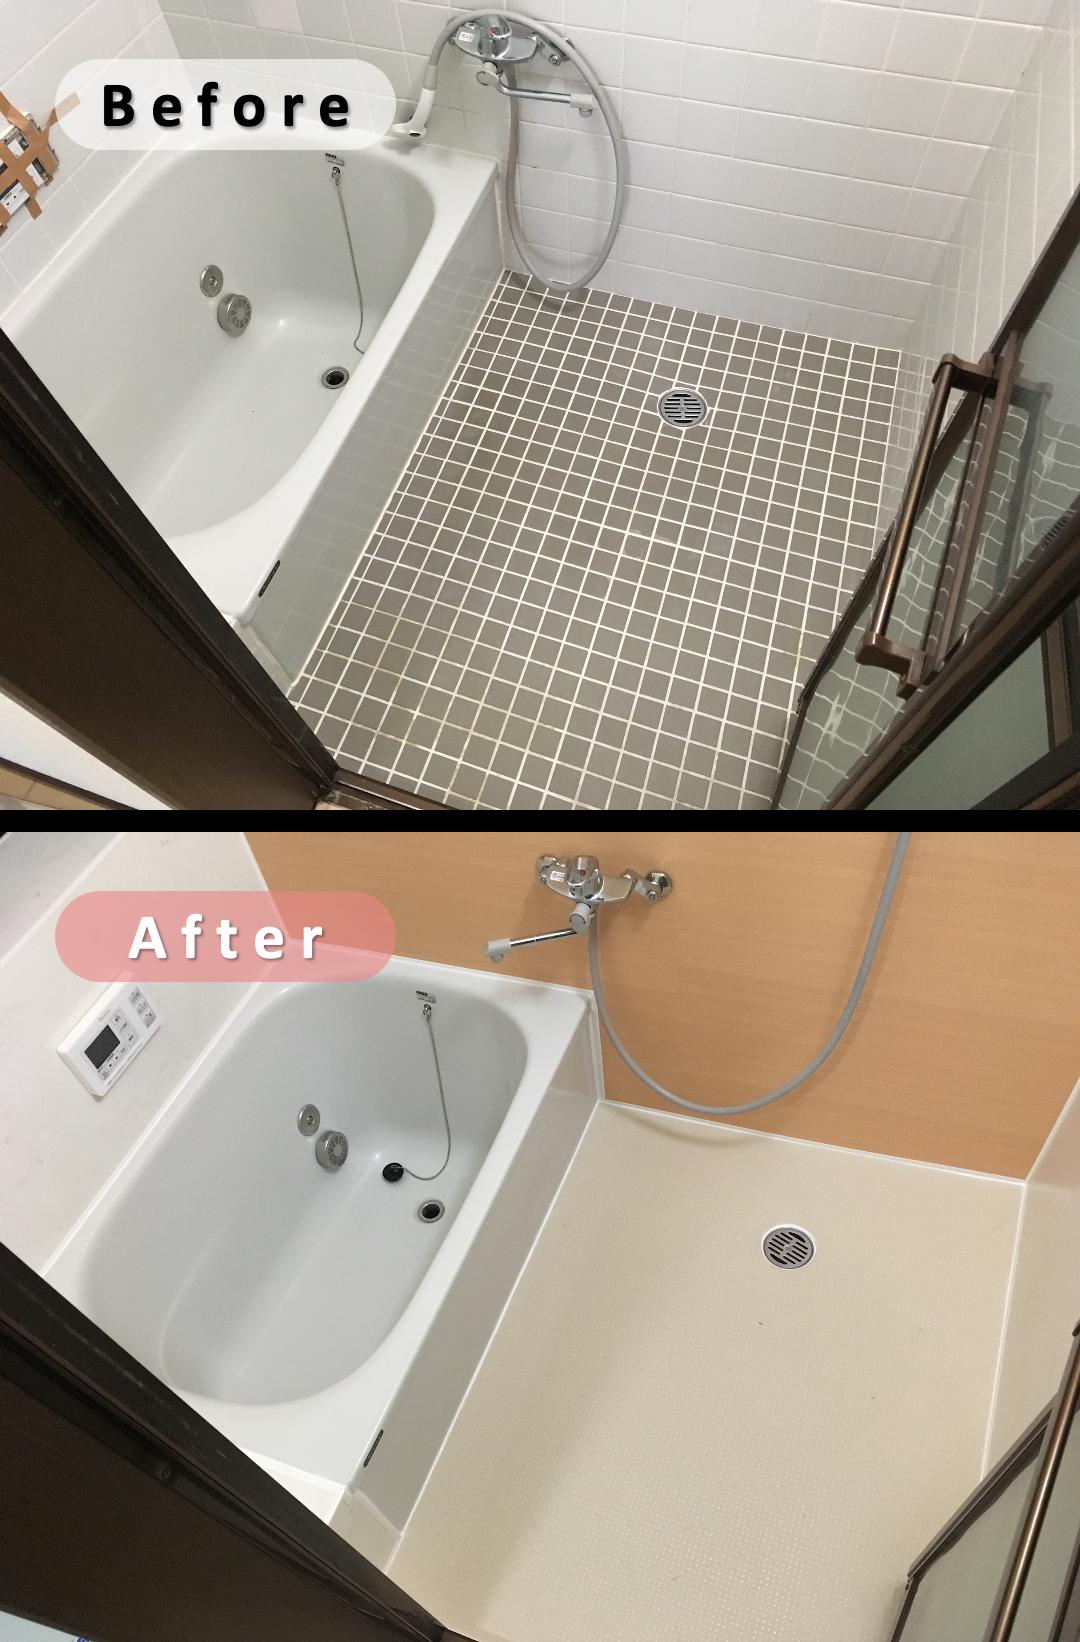 ボード 浴室 お風呂 のリフォーム のピン